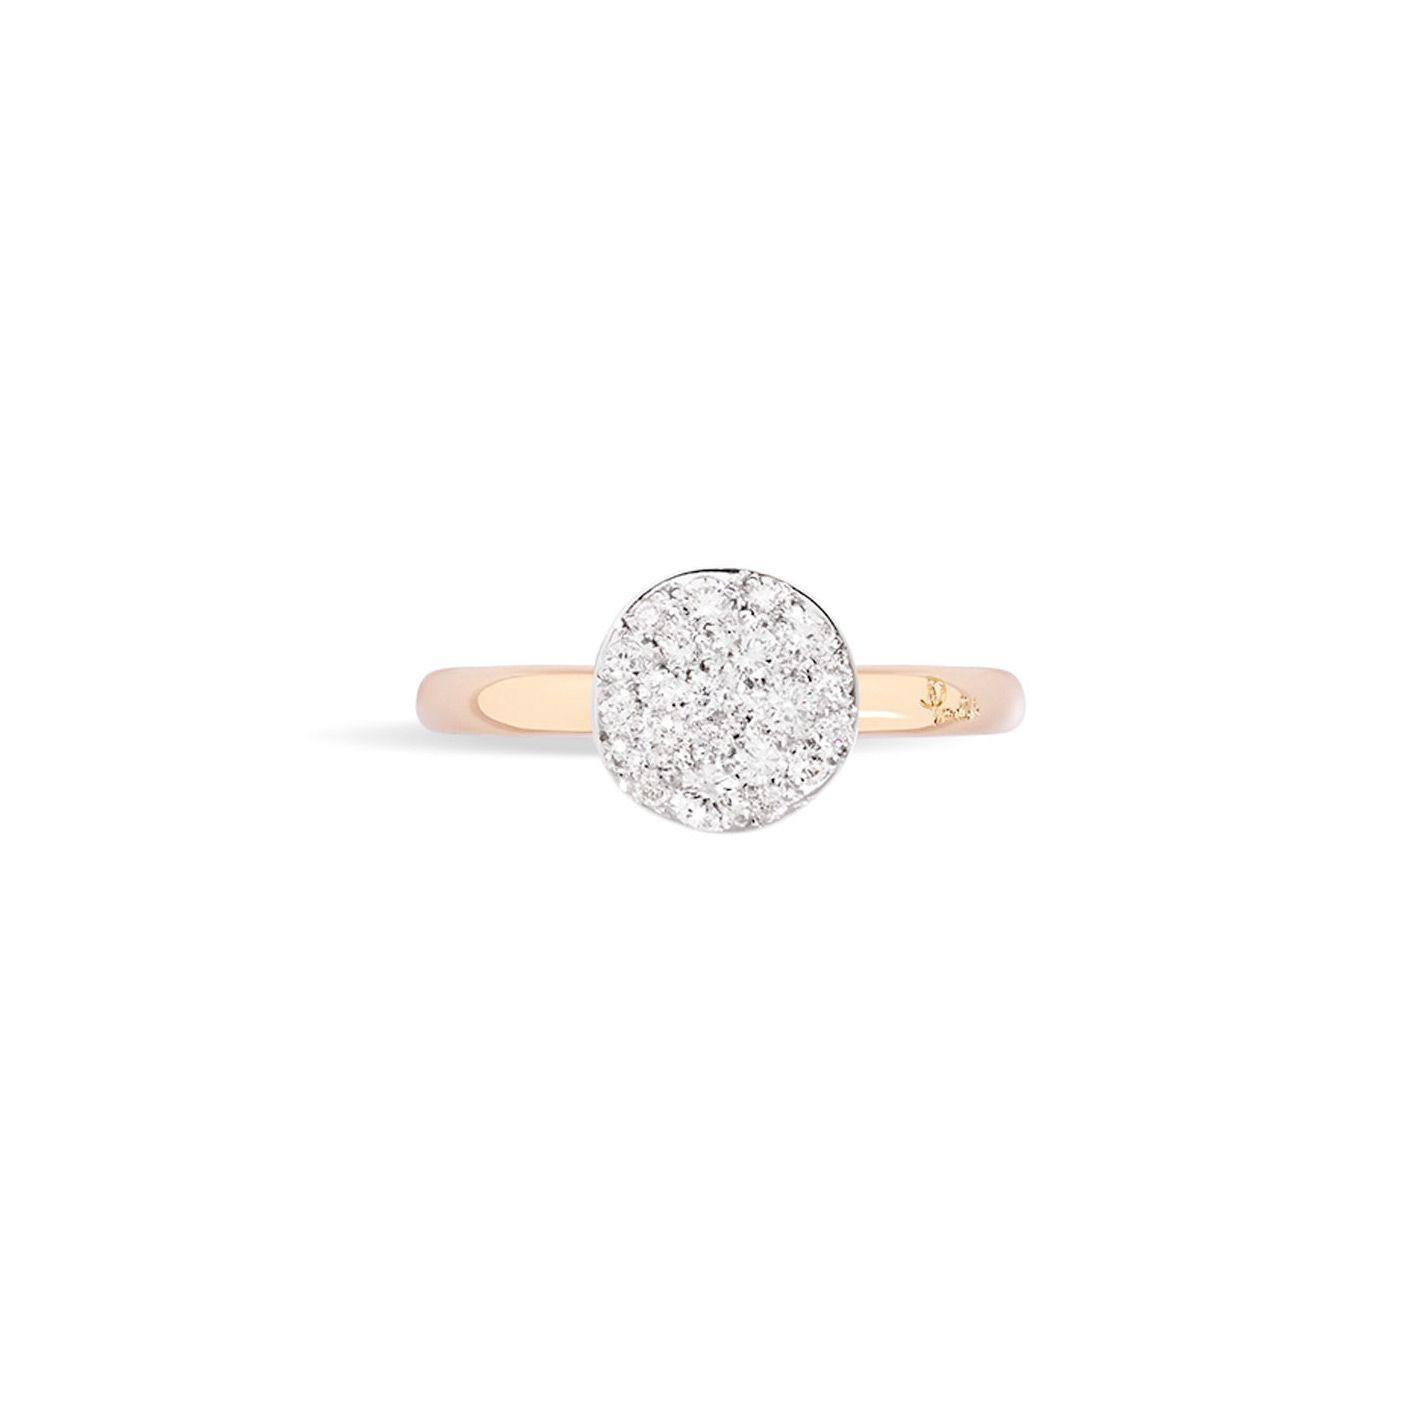 Bague Pomellato Sabbia petit modèle en Or rose et Diamant vue 3